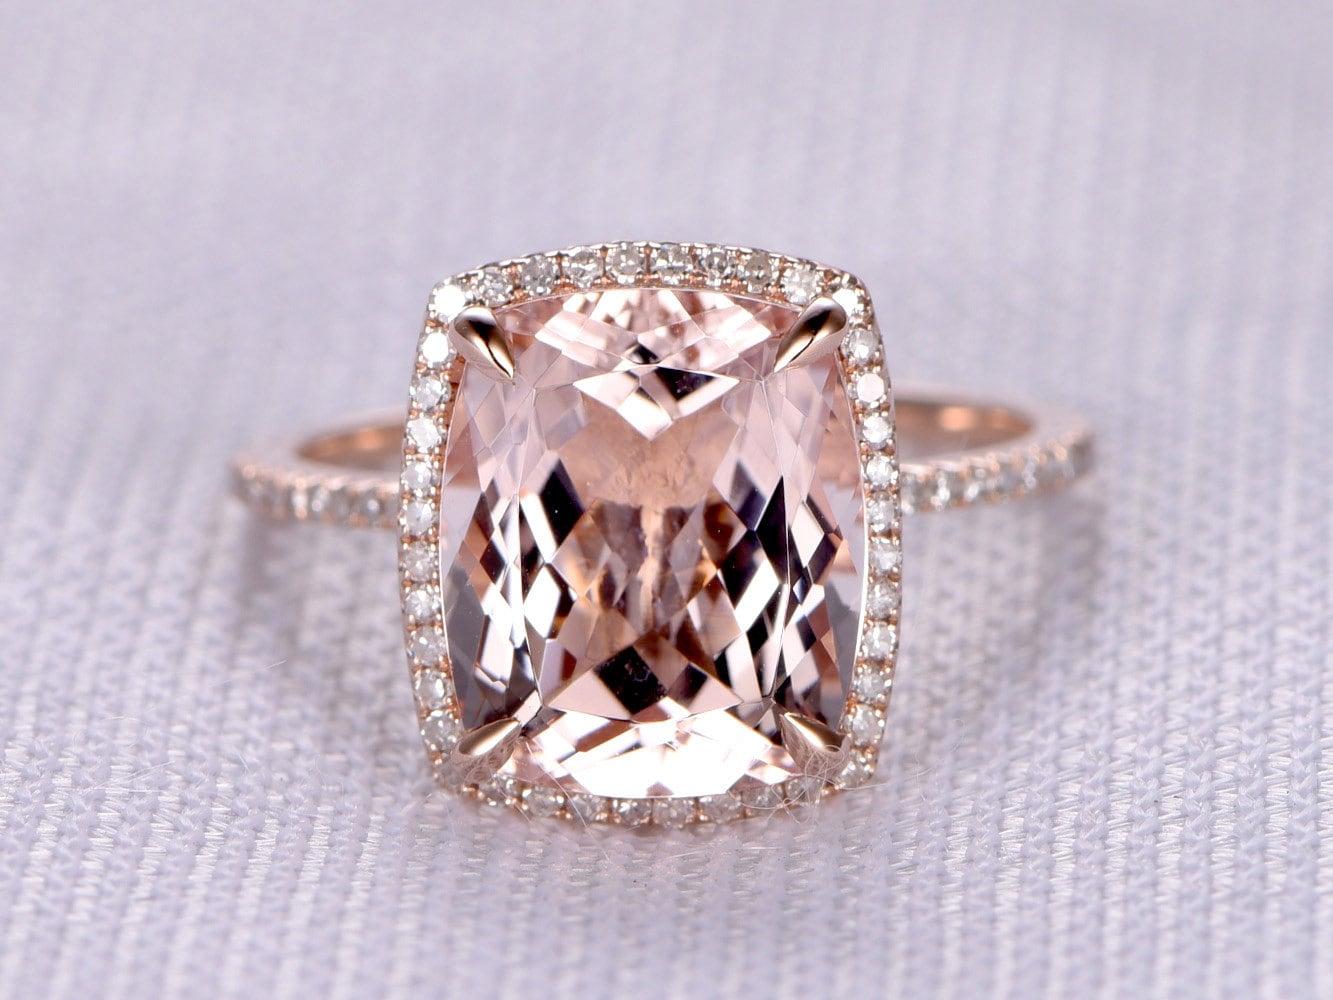 10x12mm Cushion Big Pink Morganite Engagement Ring14k Rose